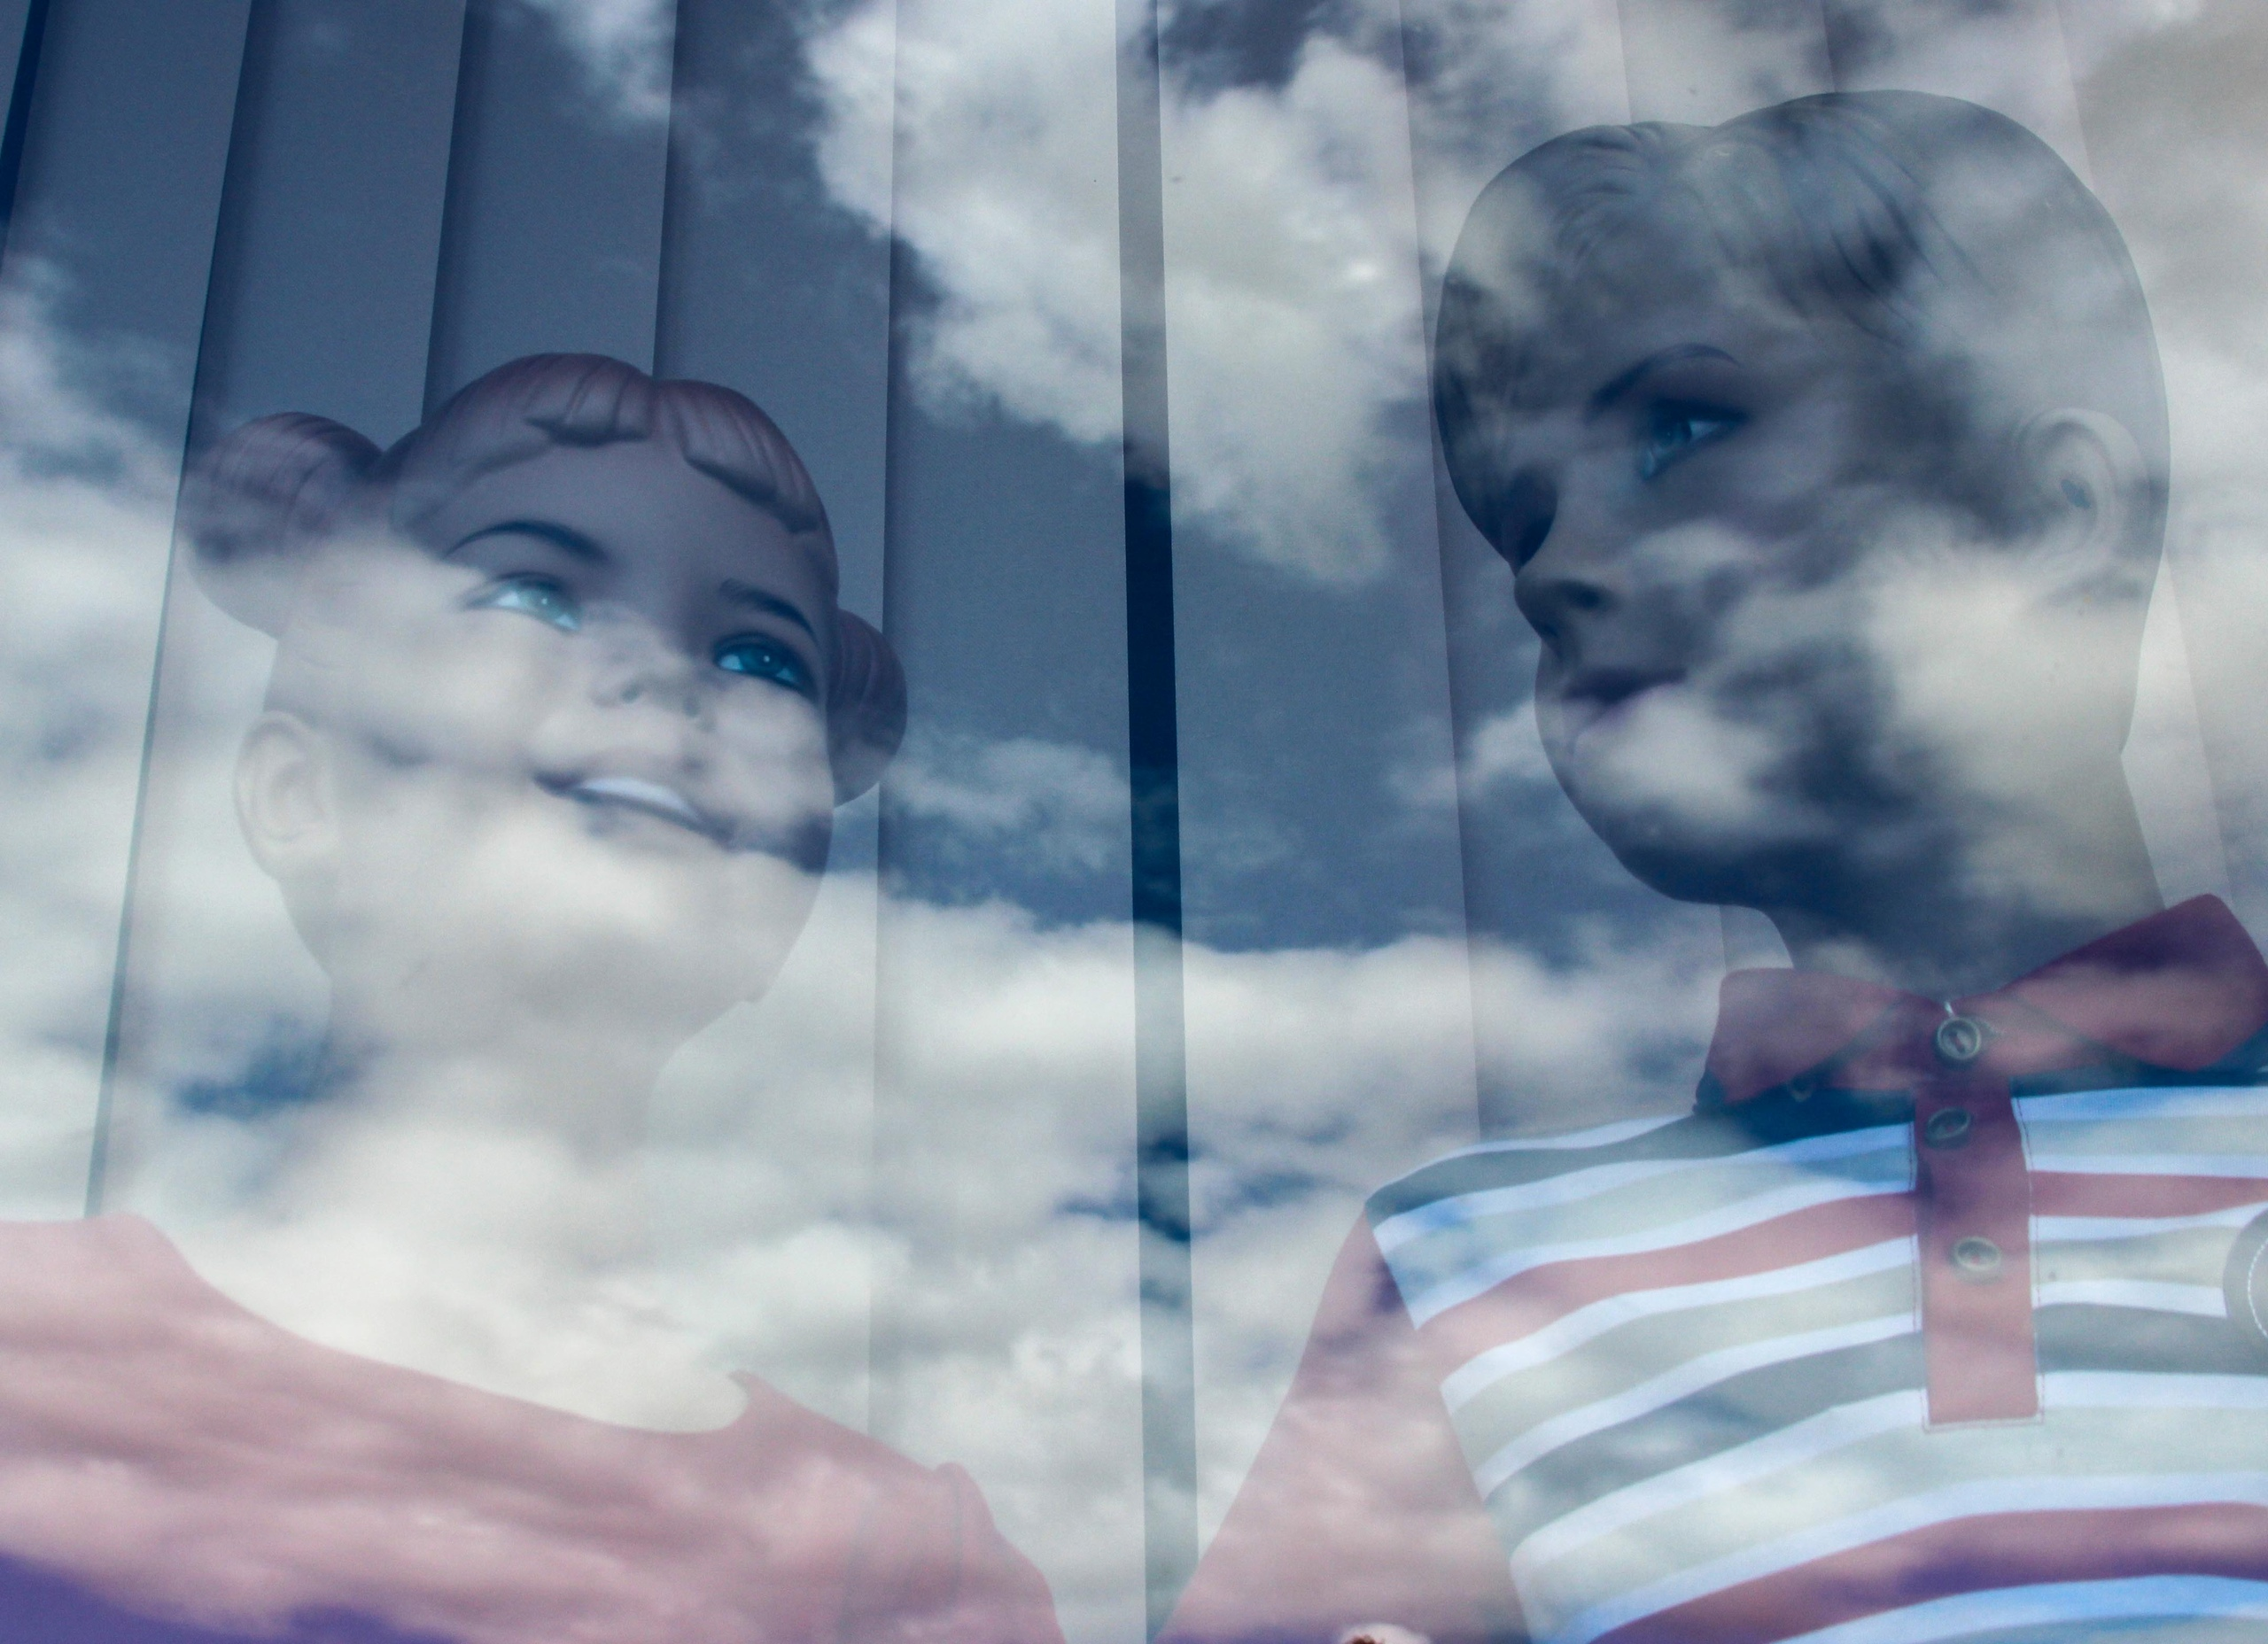 манекены за стеклом в стекле отражается небо